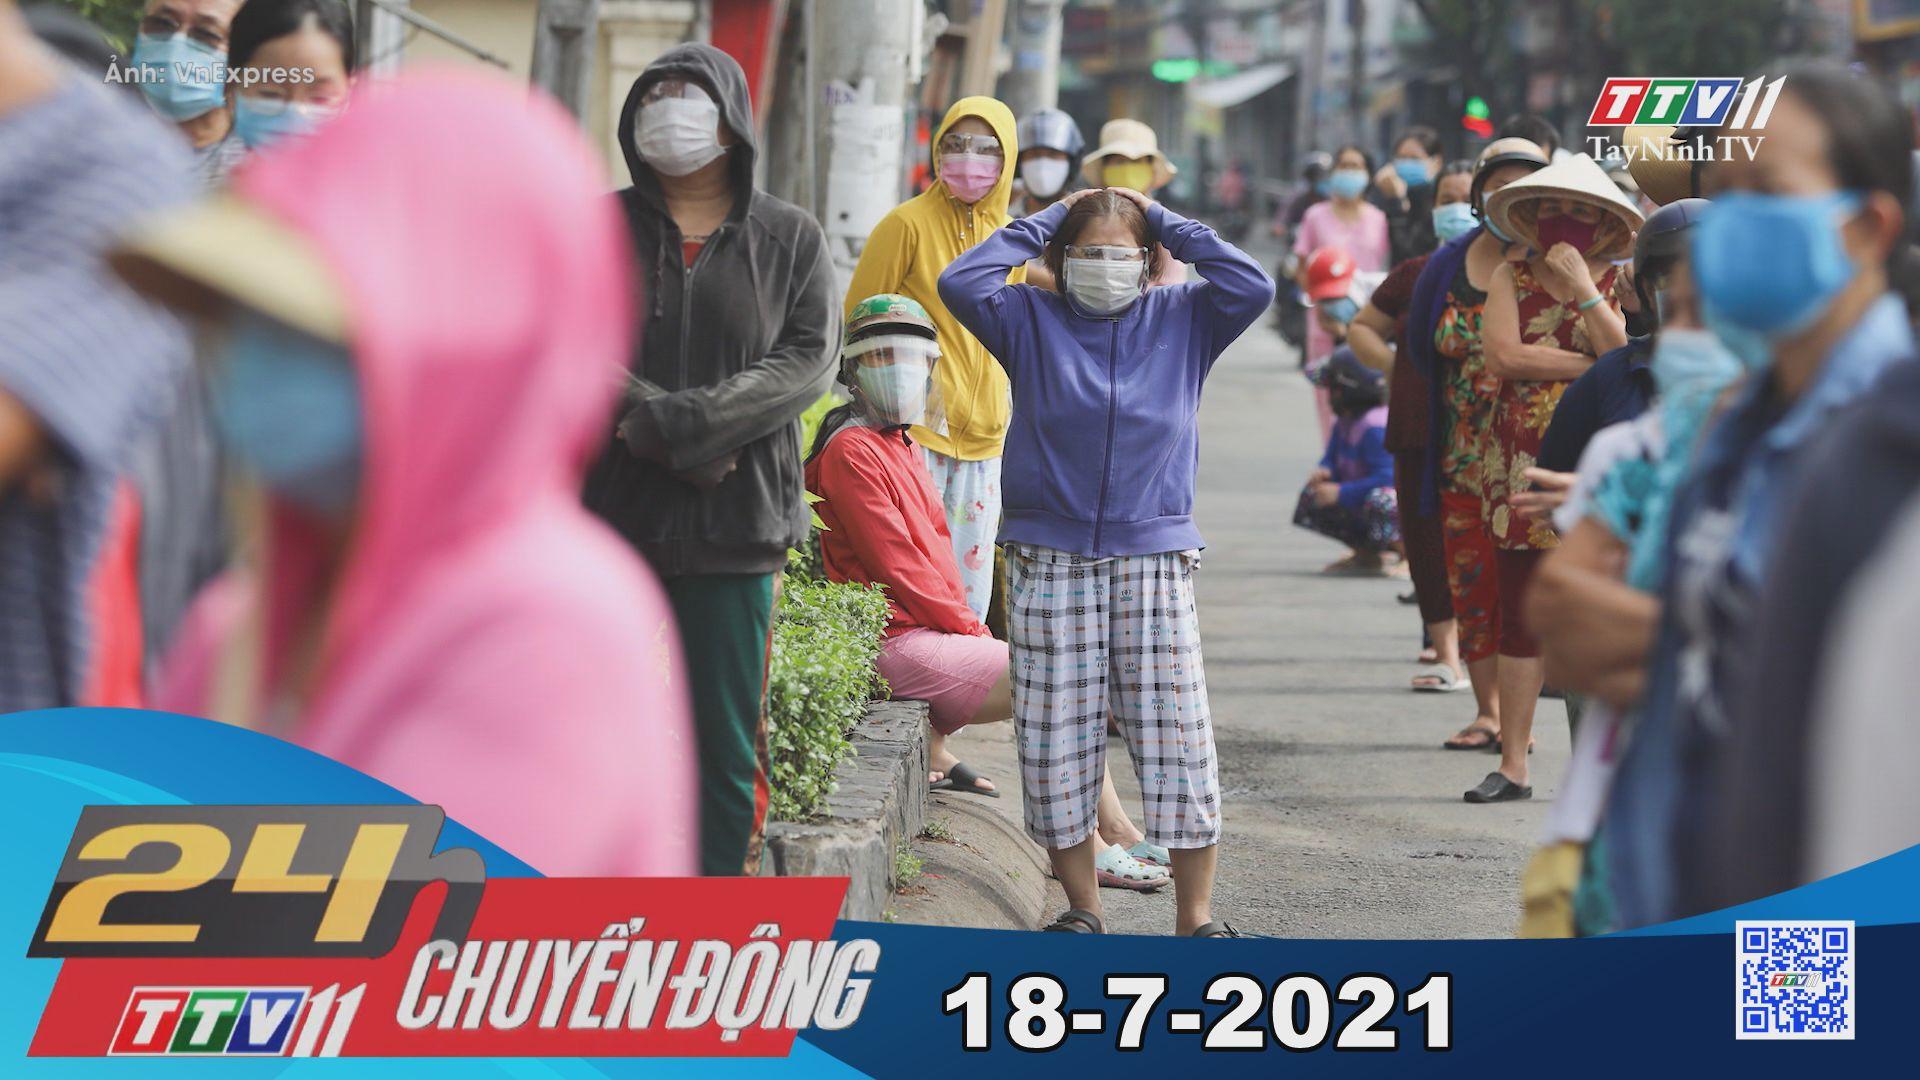 24h Chuyển động 18-7-2021 | Tin tức hôm nay | TayNinhTV